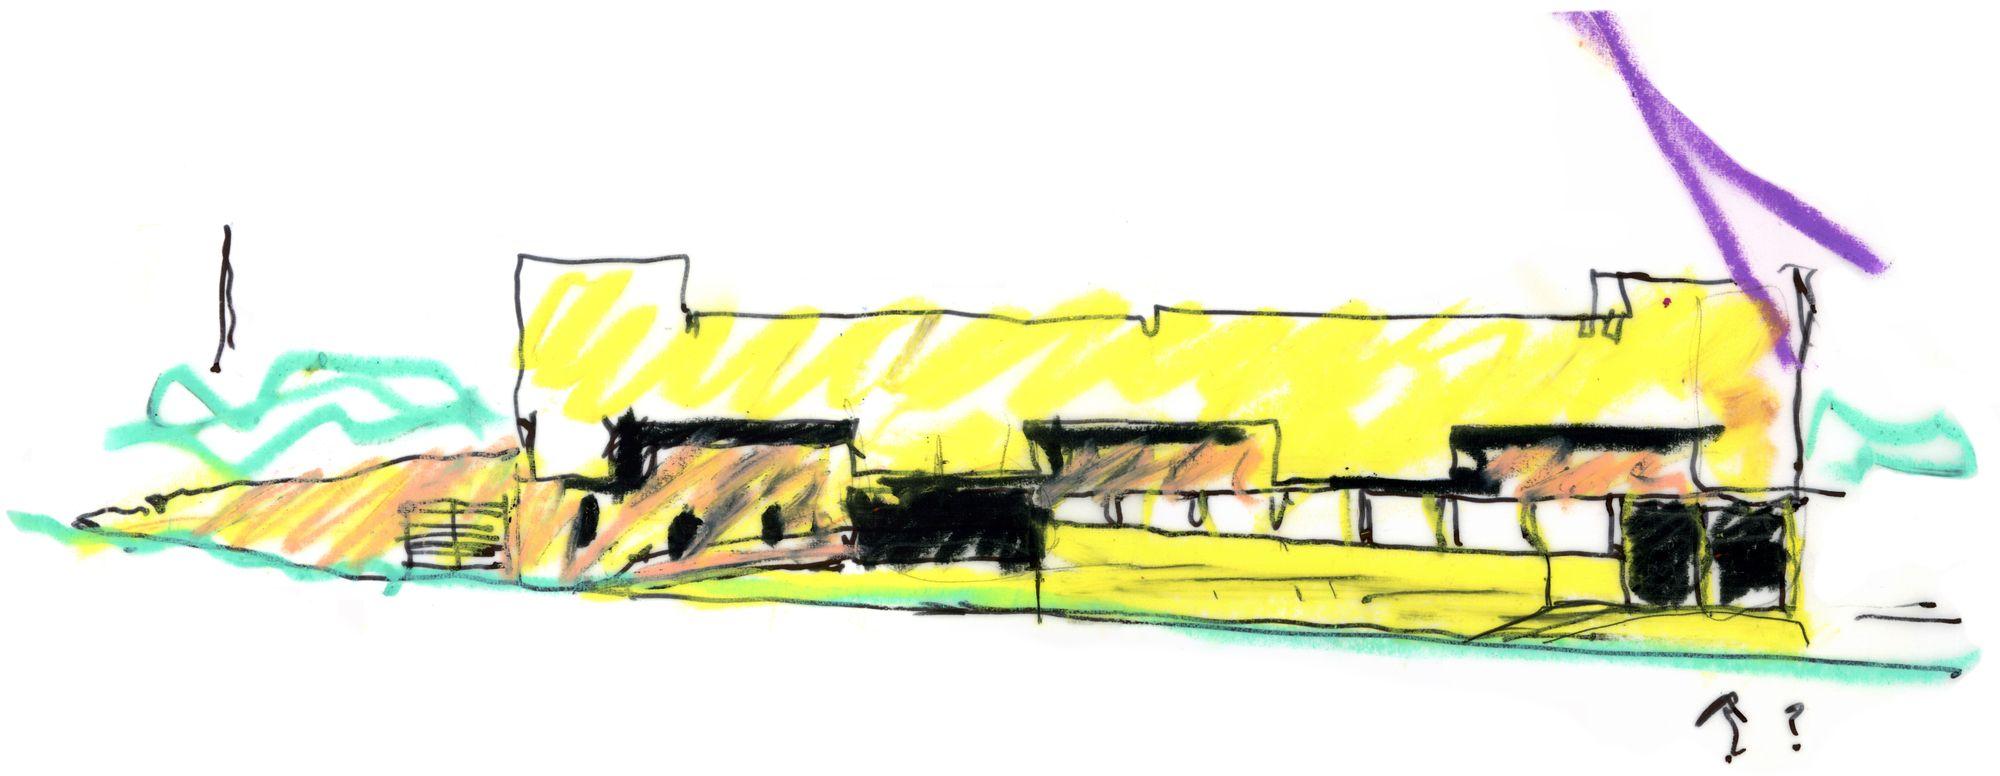 Galeria - Residencial Parque Novo Santo Amaro V / Vigliecca&Associados - 29